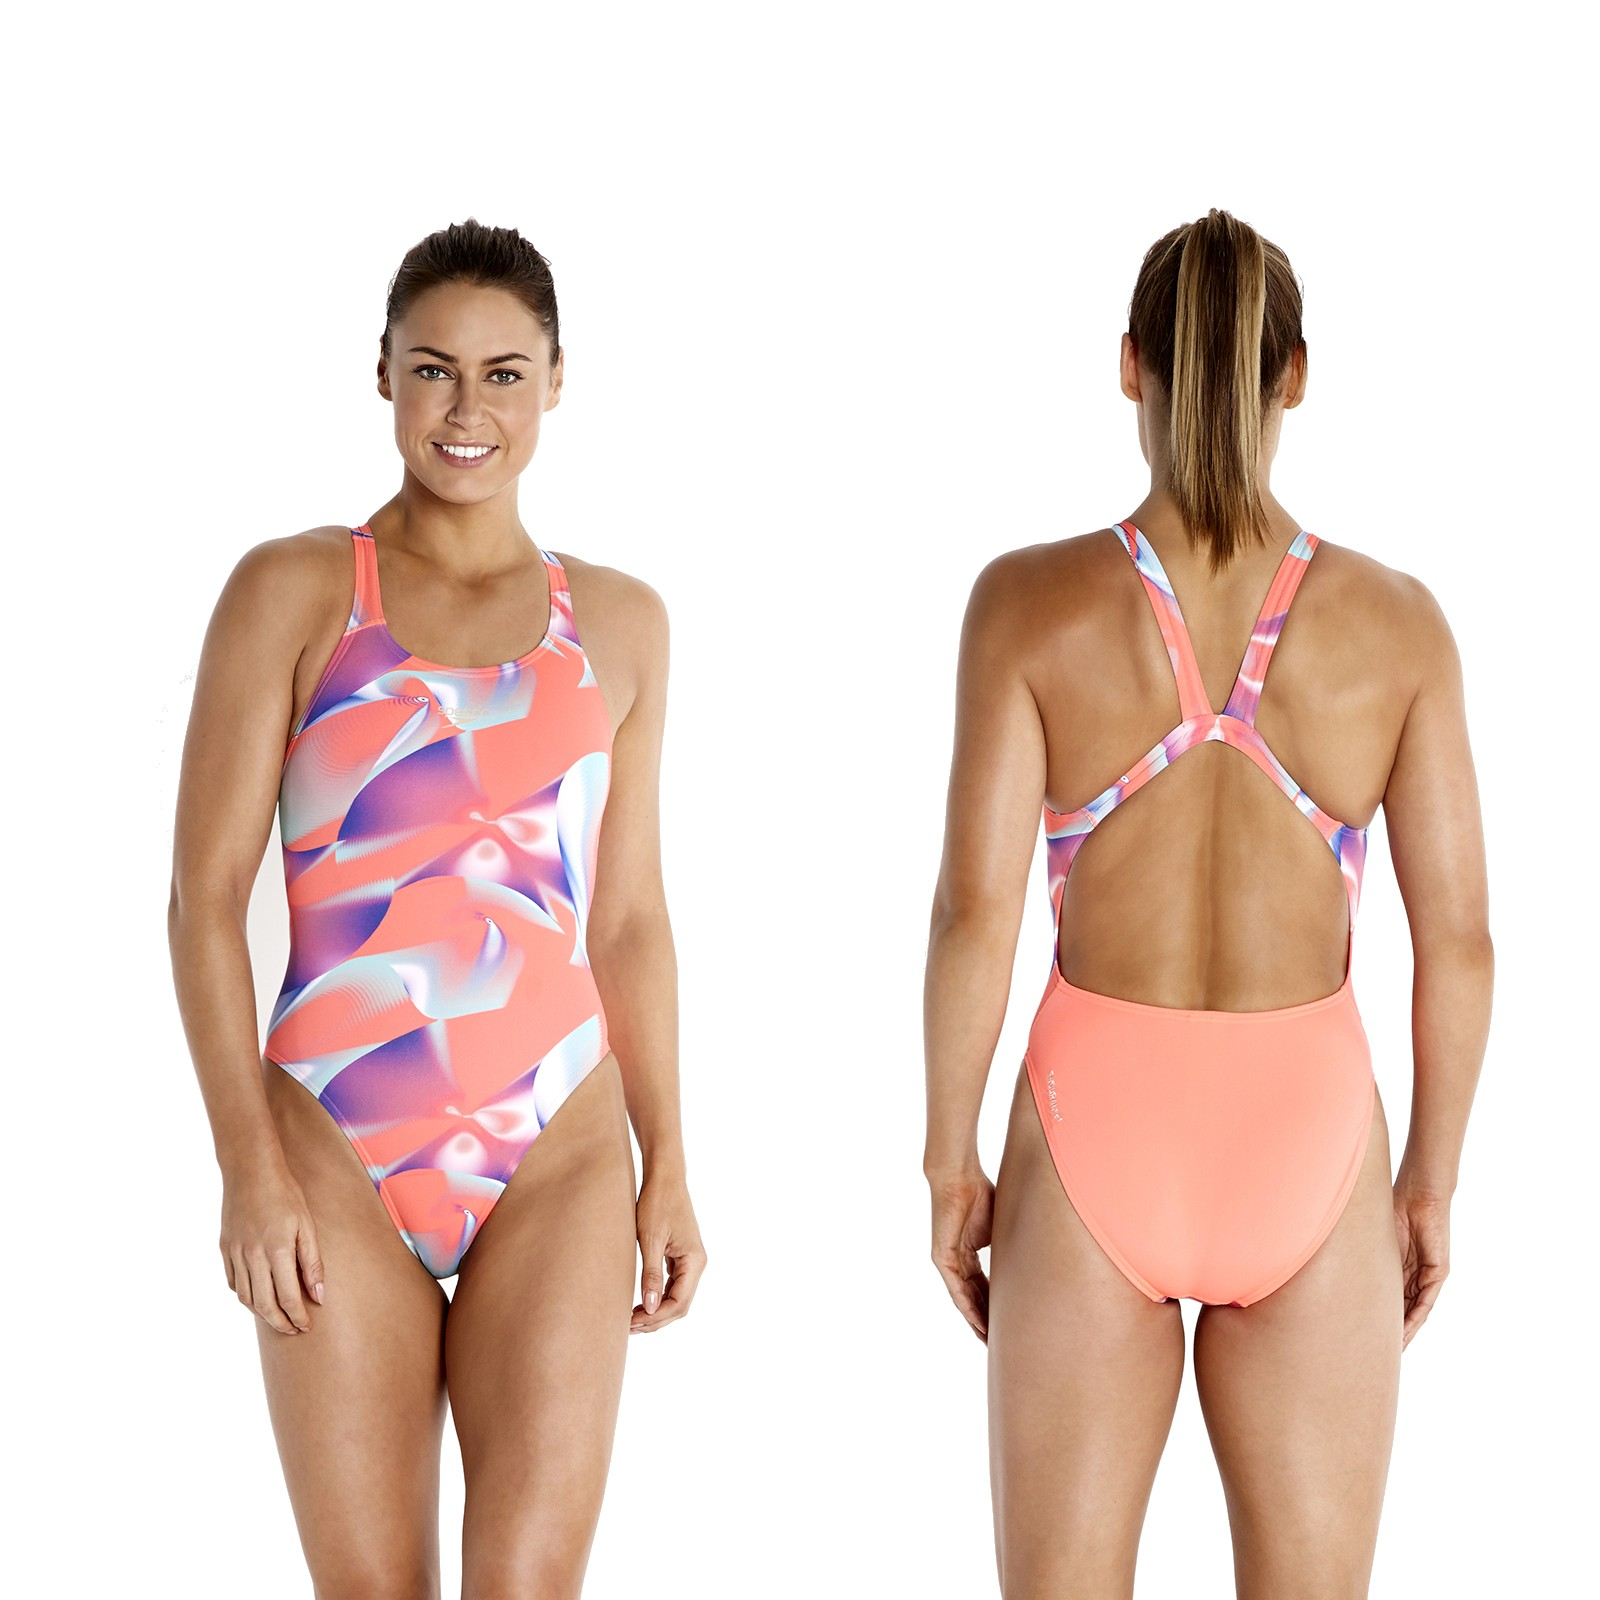 preisreduziert heiße Produkte professionelle Website Speedo Badeanzüge für Training und Freizeit